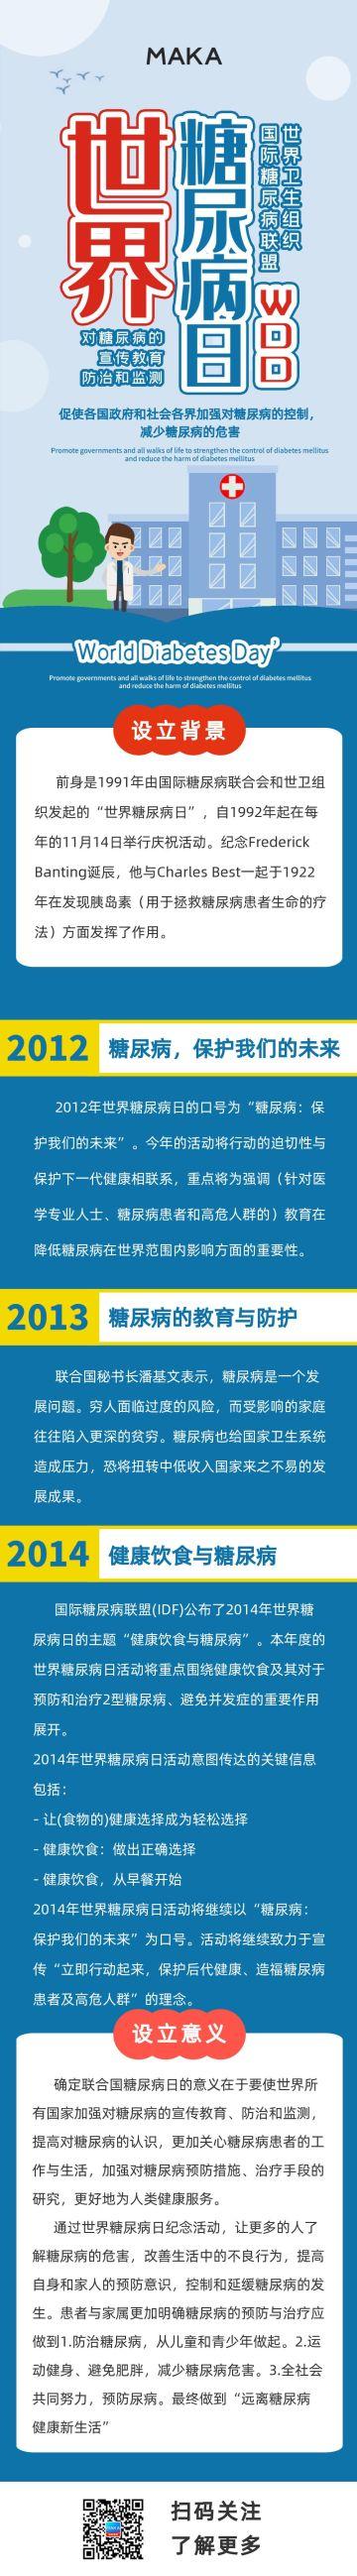 蓝色扁平简约风格世界糖尿病日科普宣传长页